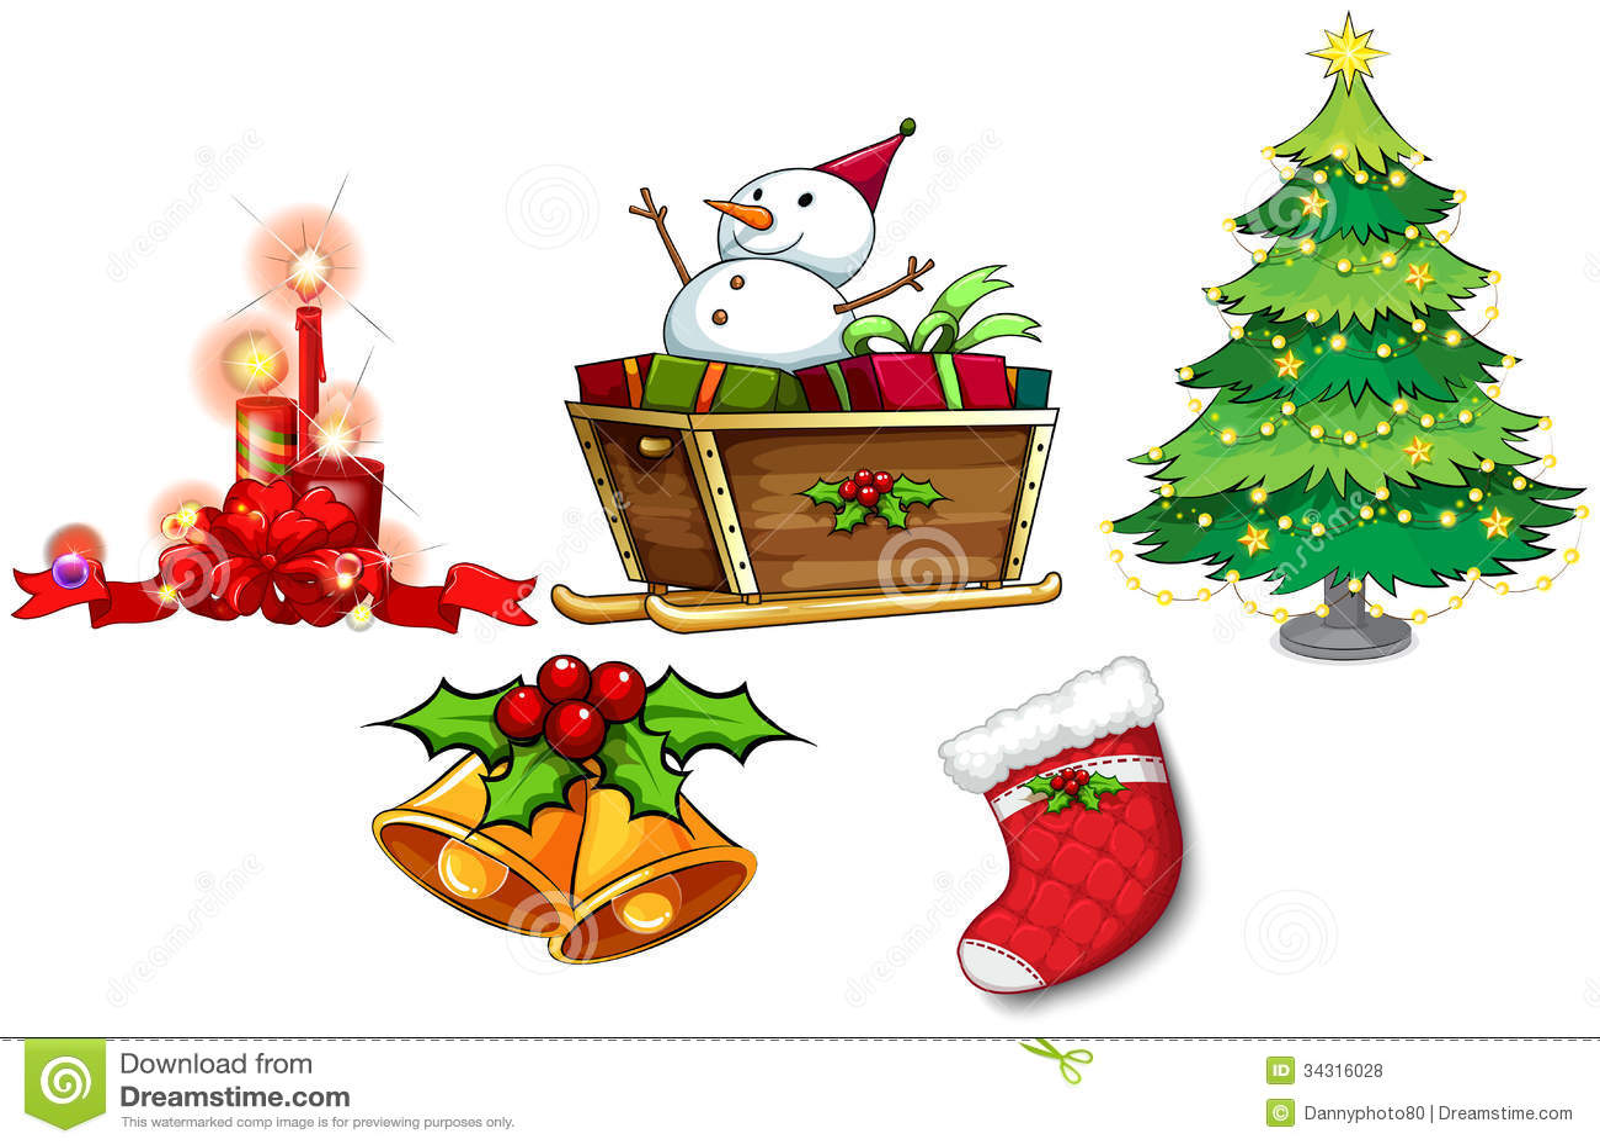 verschiedene symbole von weihnachten stock abbildung illustration von weihnachten froh 34316028. Black Bedroom Furniture Sets. Home Design Ideas